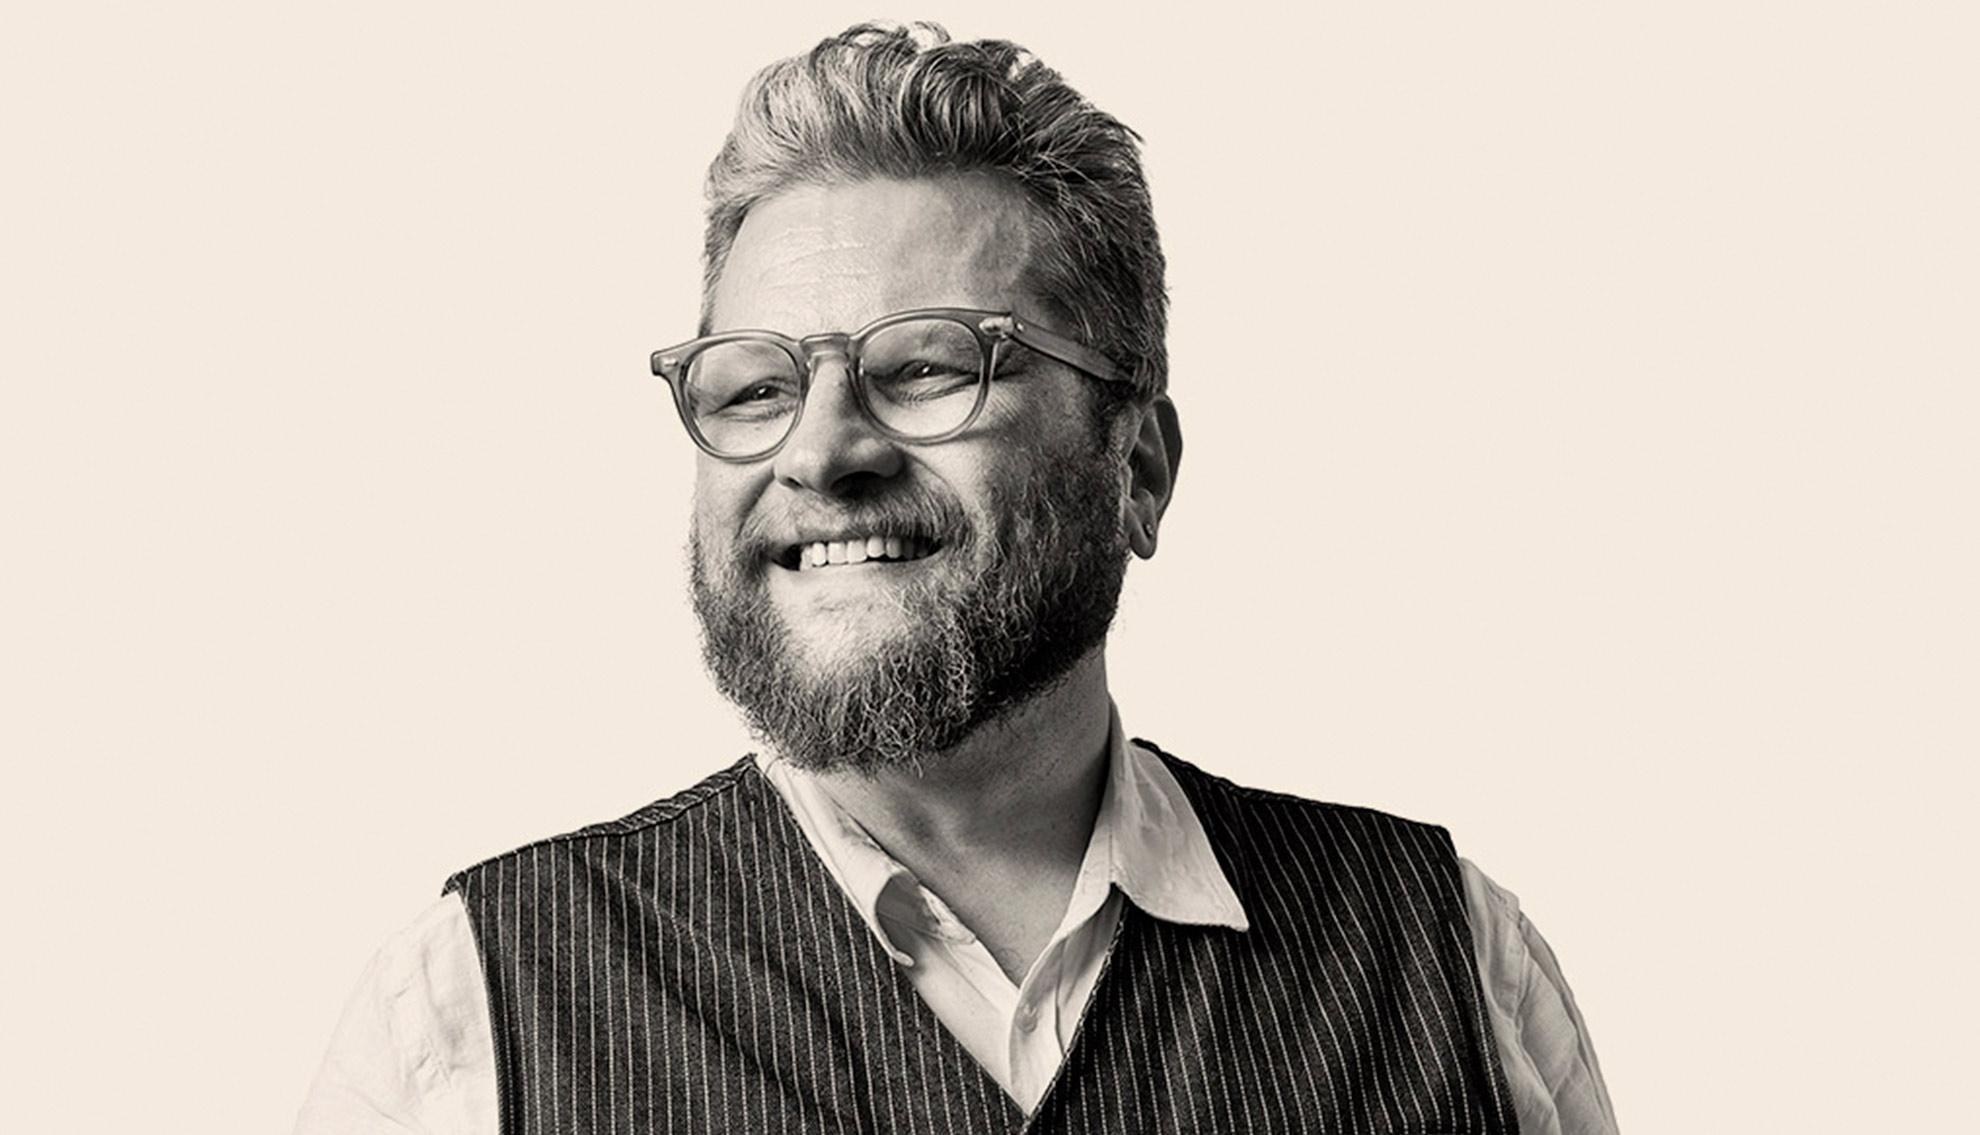 Jaakko Heinimäki